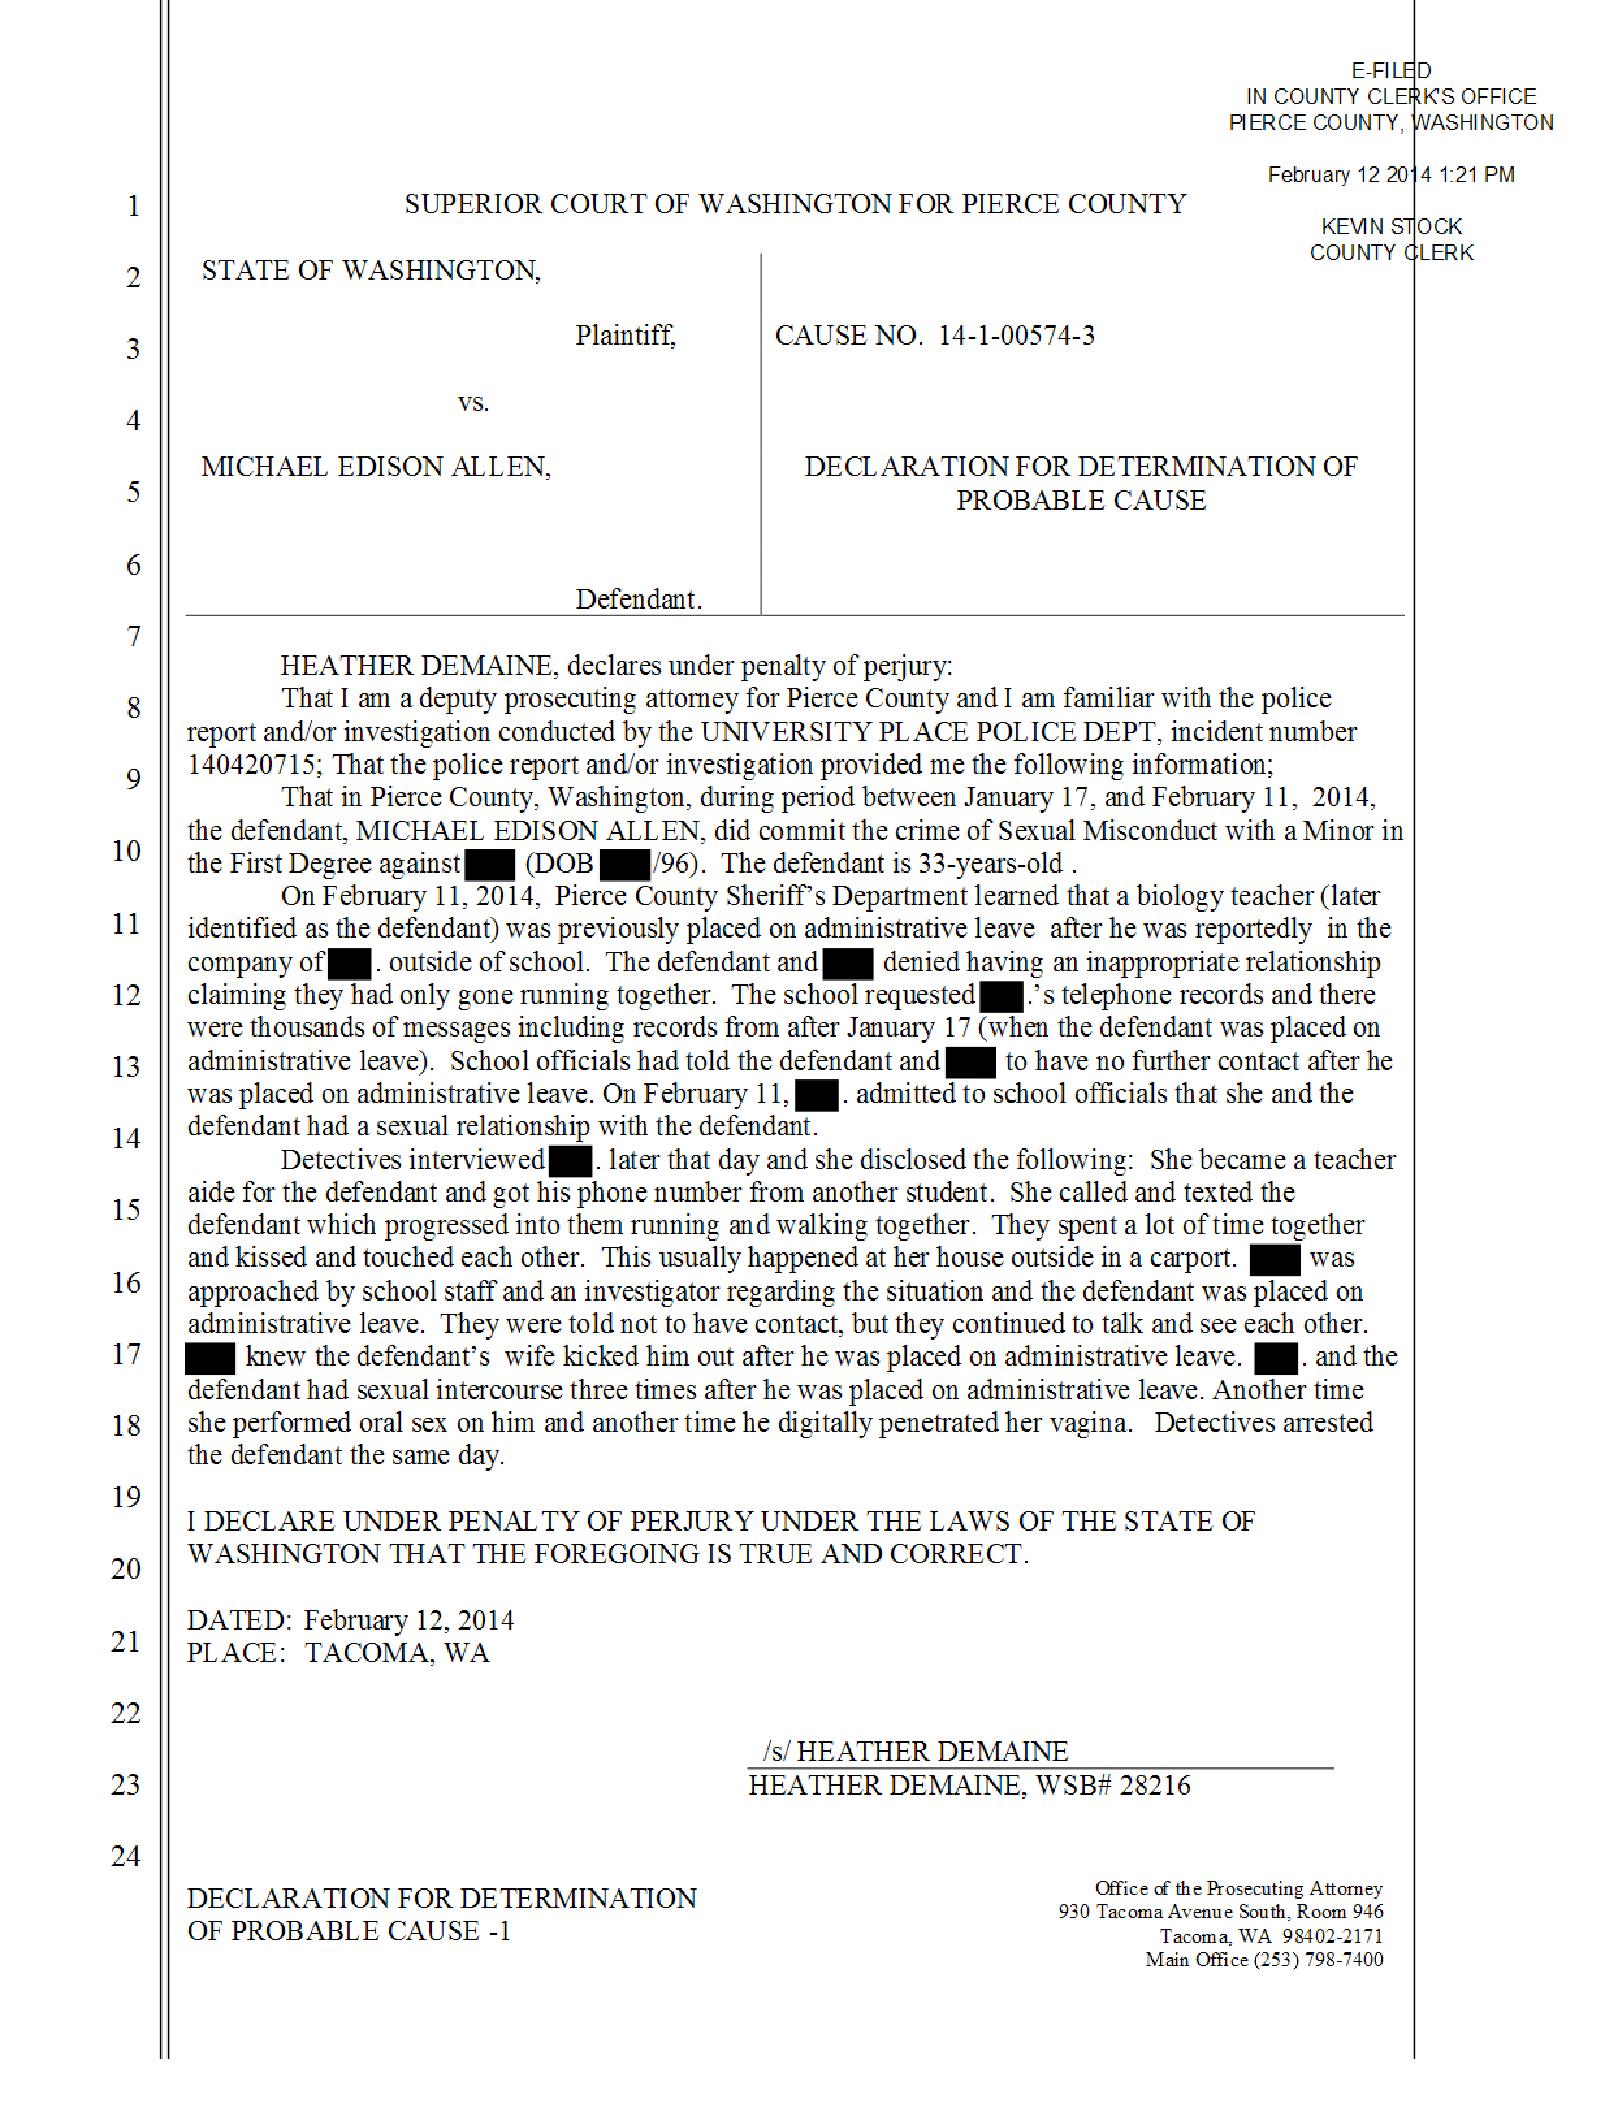 Copy of Allen Michael probable cause affidavit1.png